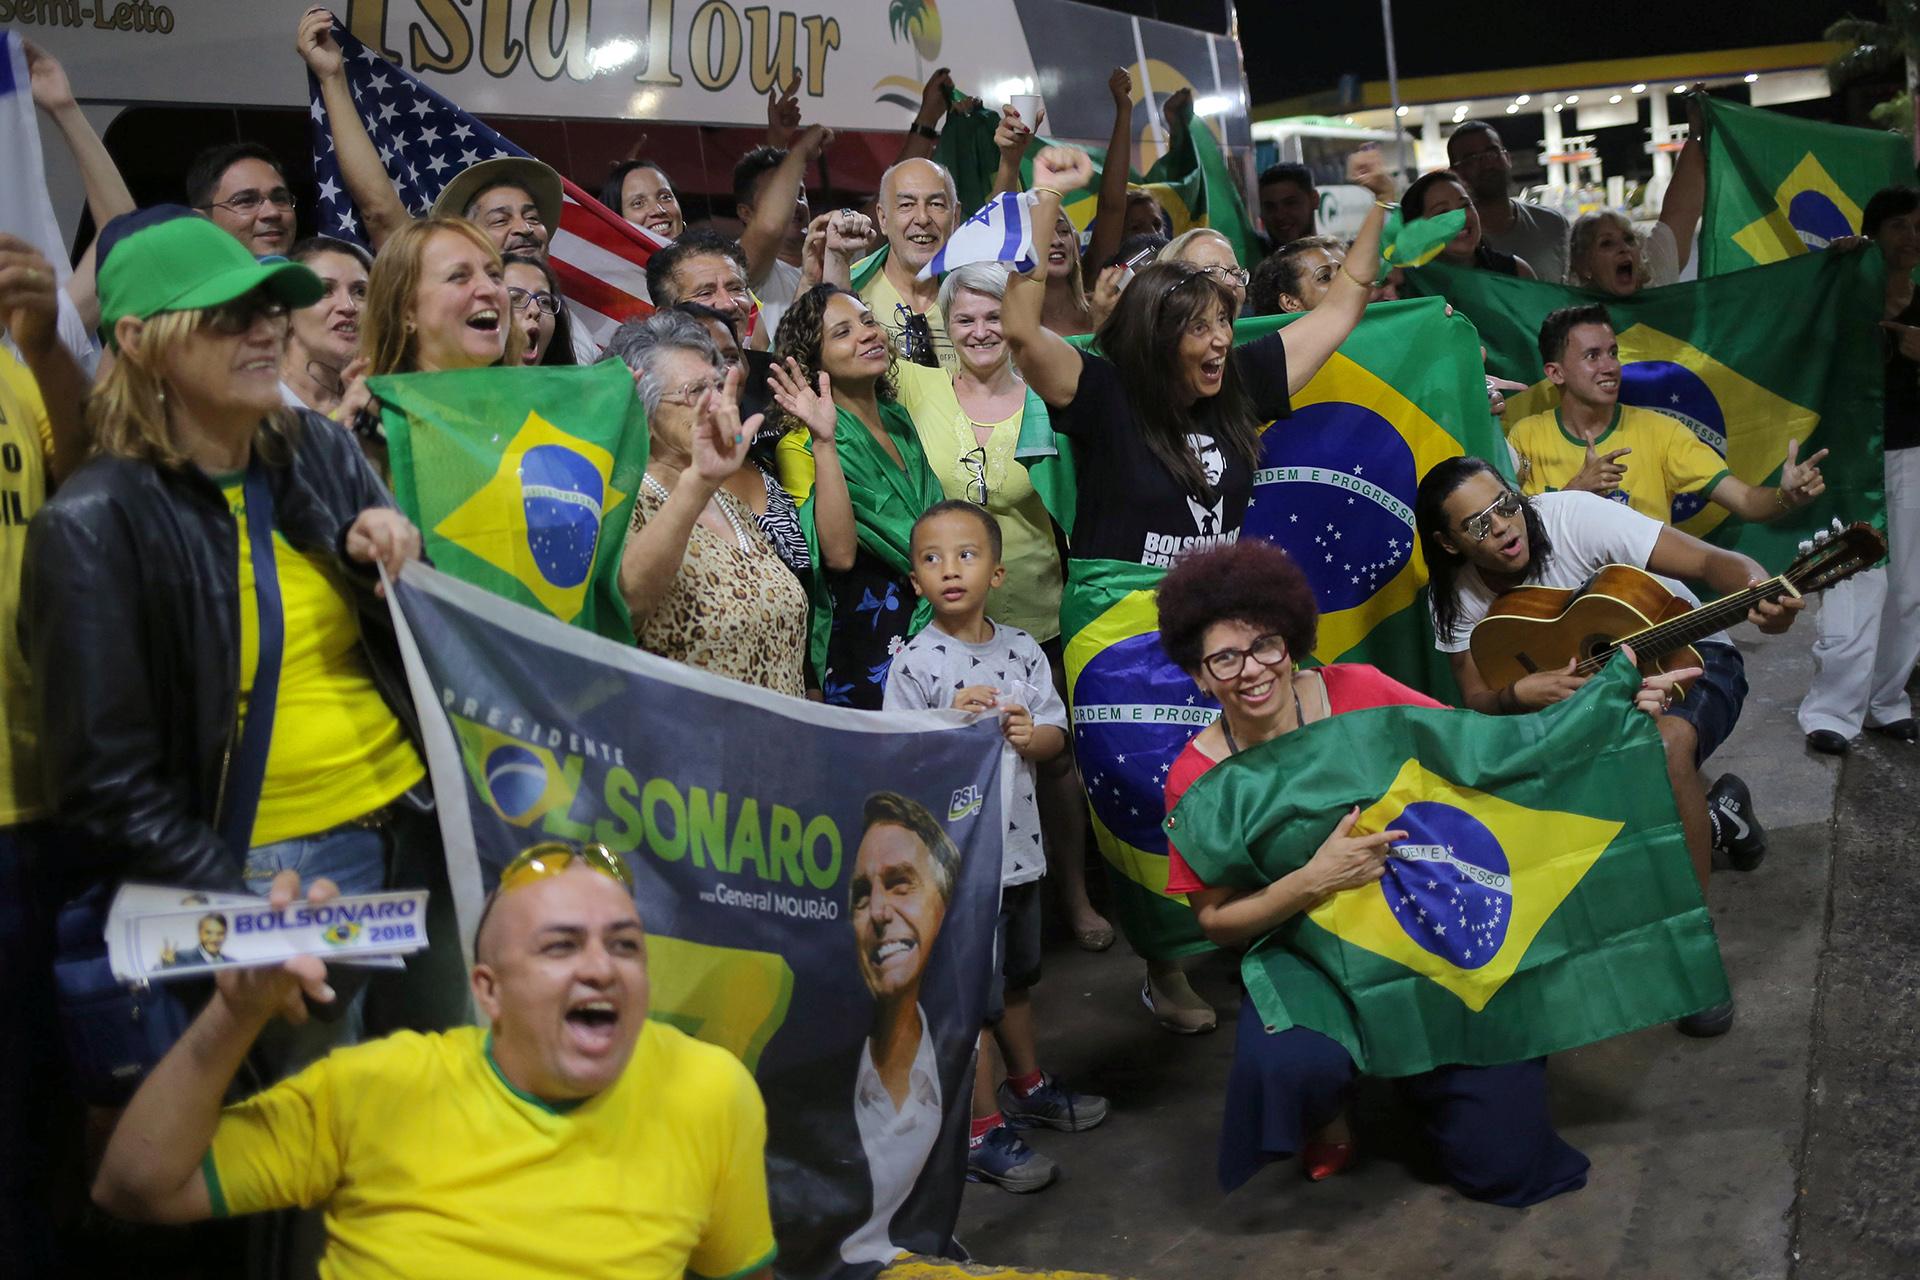 Los bolsonaristas llegaron de distintas partes del país para ver la asunción de su presidente (REUTERS/Amanda Perobelli)